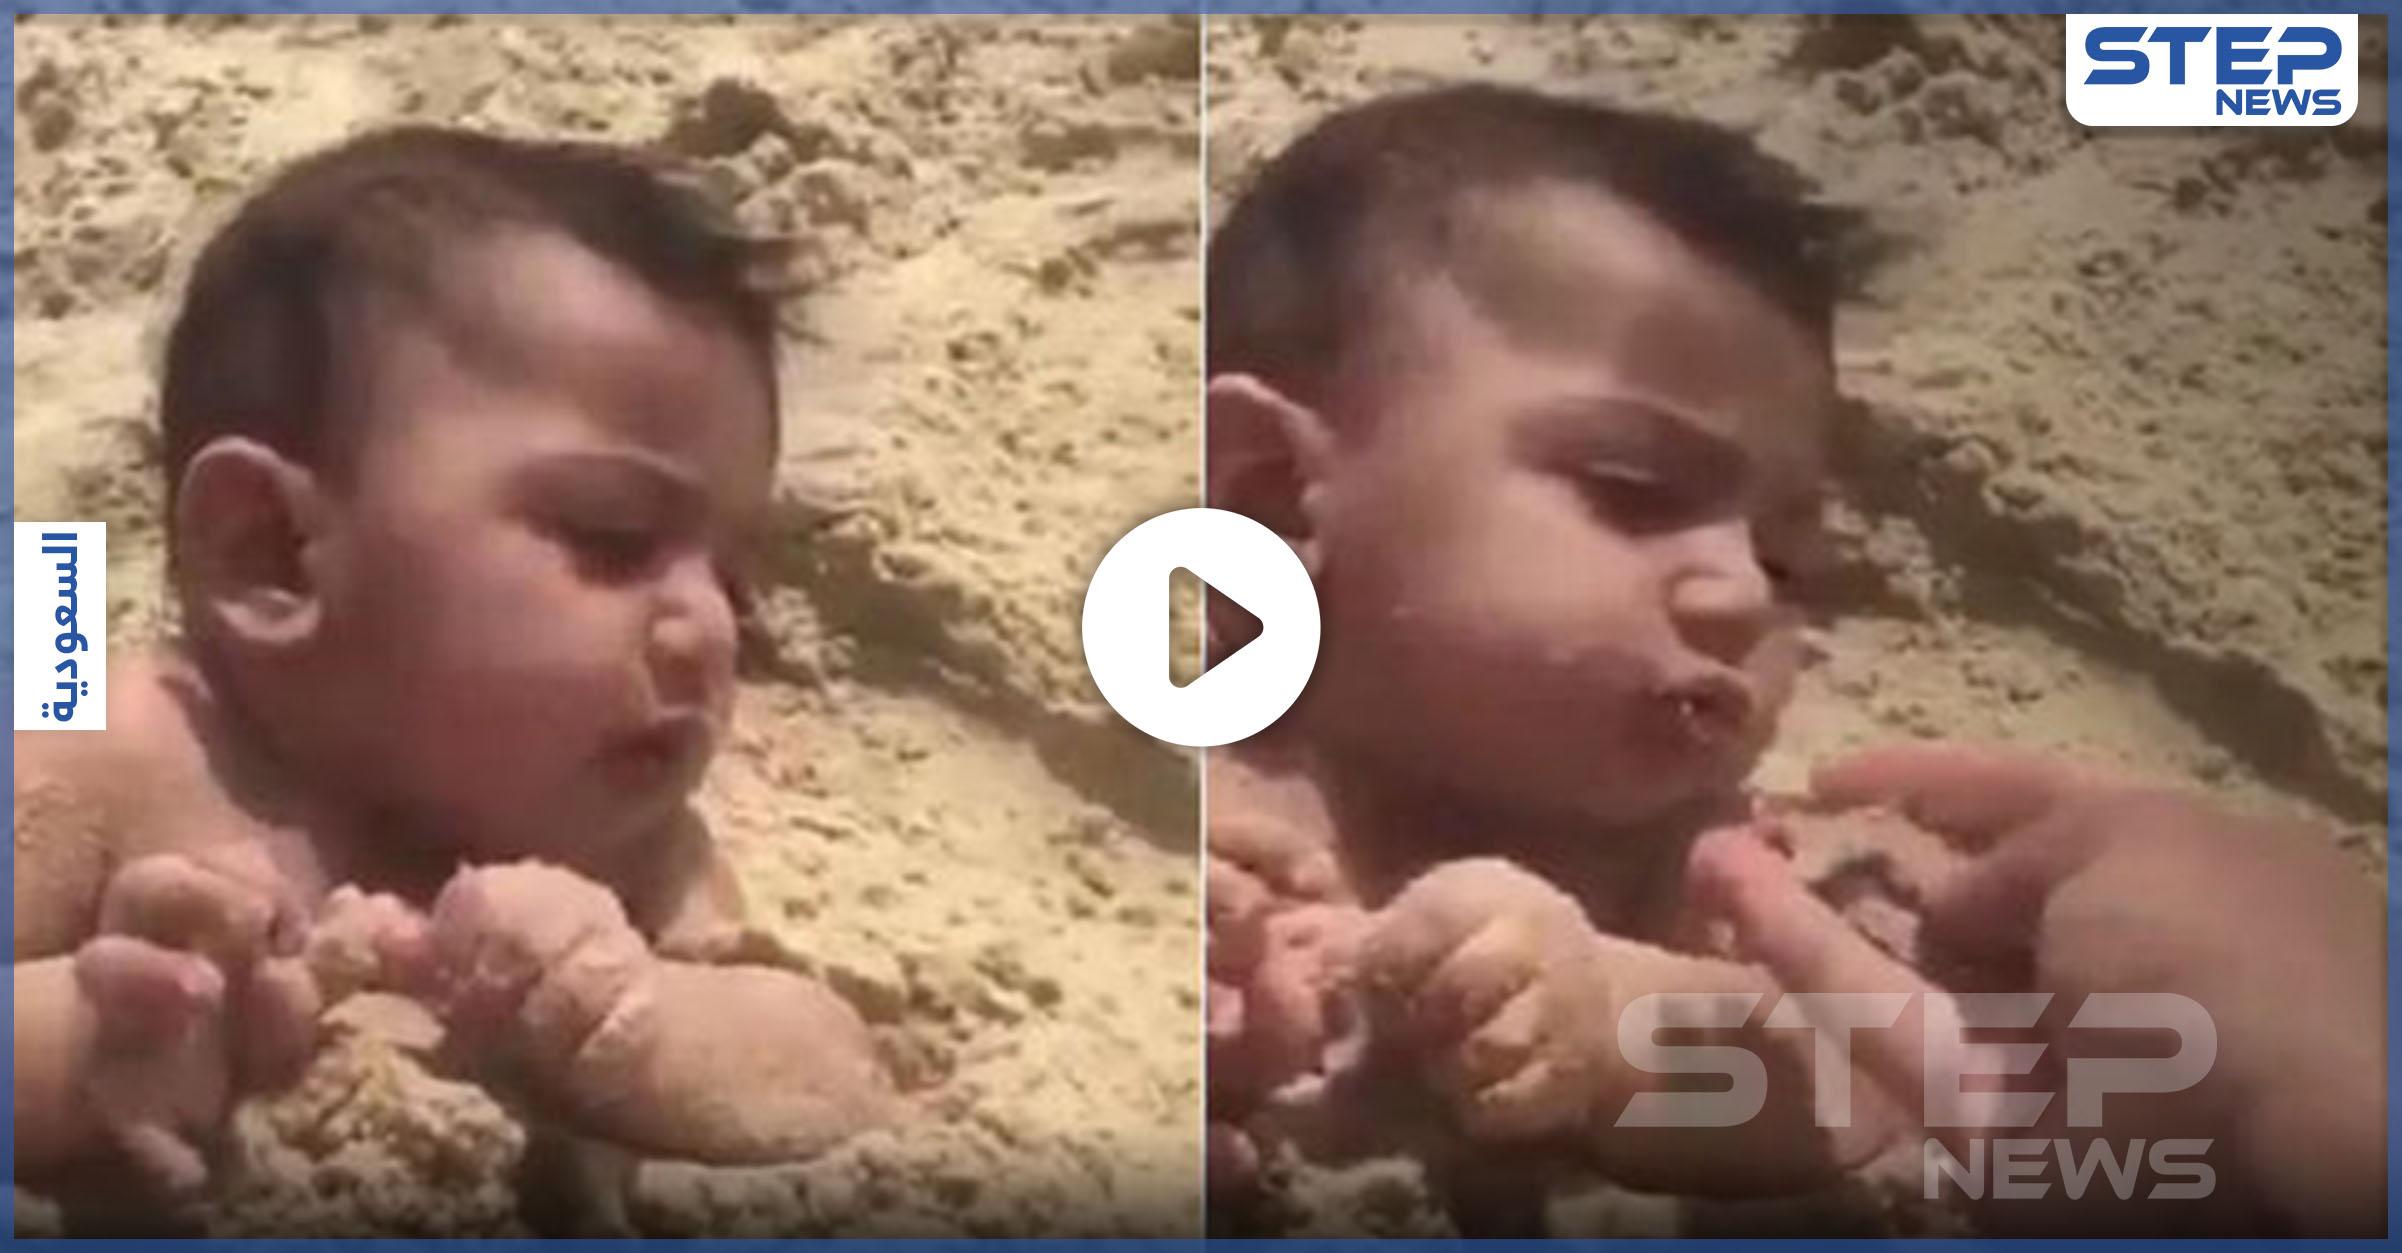 سعودي يدفن رضيعاً ويطعمه الرمال